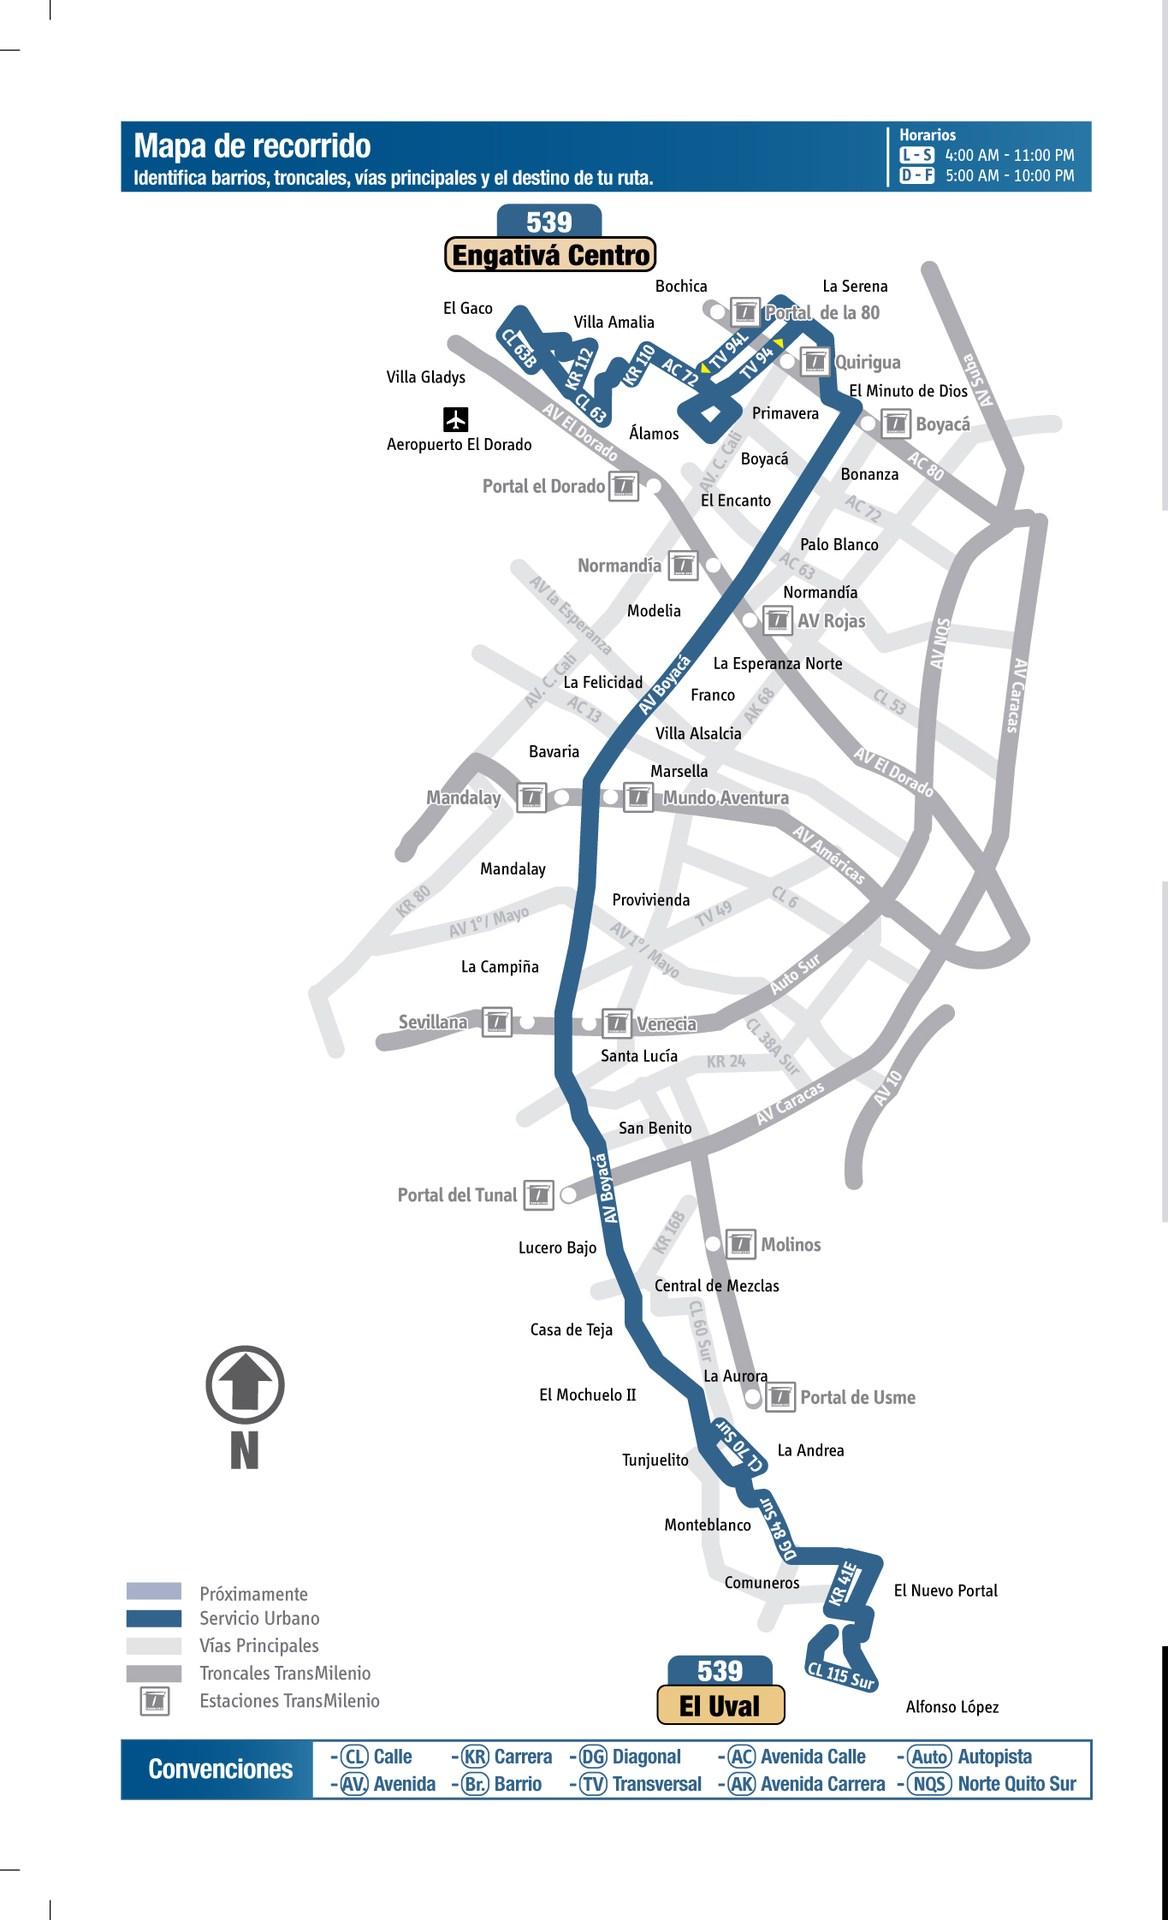 Ruta SITP: 539 Engativá Centro ↔ El Uval [Urbana] 6